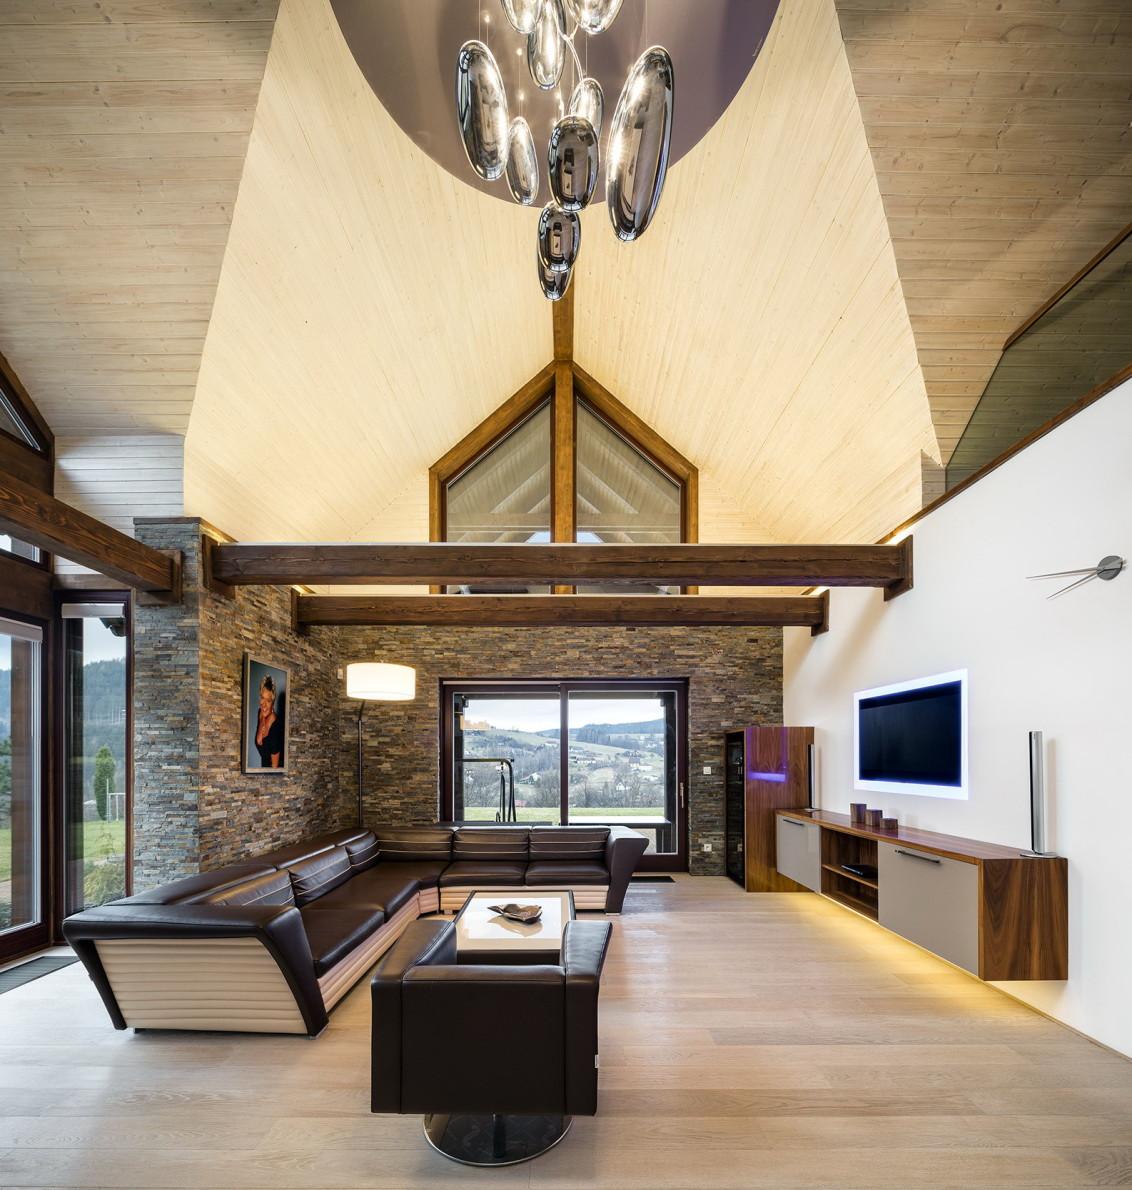 Dřevěný srub : kompletní vybavení obytné části a pokojů nábytkem